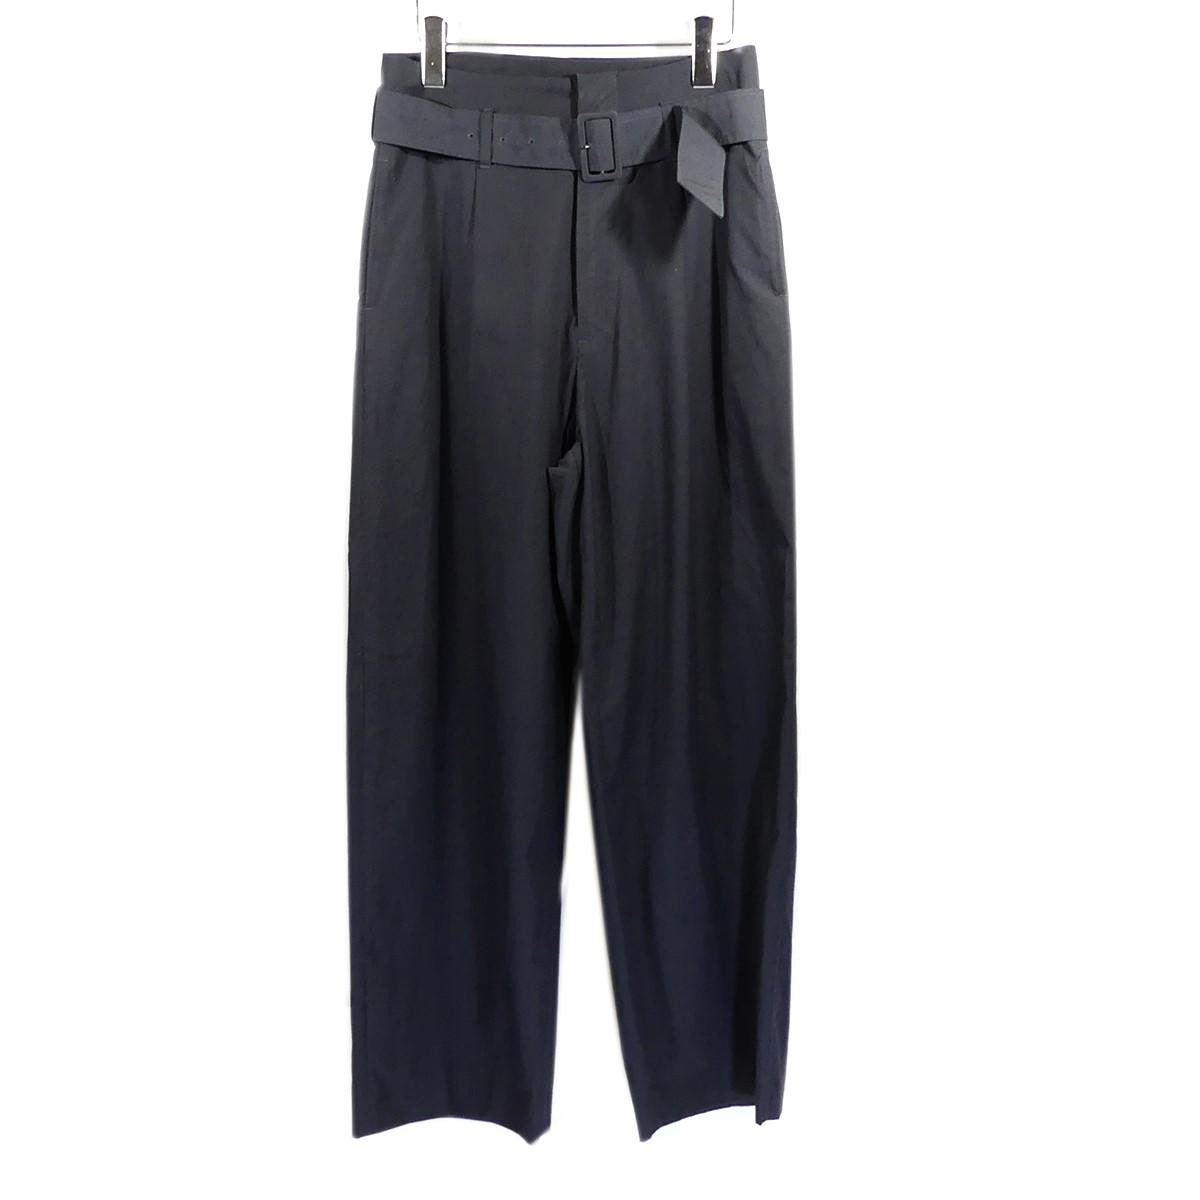 【中古】AURALEE WASHED FINX RIPSTOP BELTED WIDE PANTS ベルテッドワイドパンツ ブラック サイズ:0 【210420】(オーラリー)